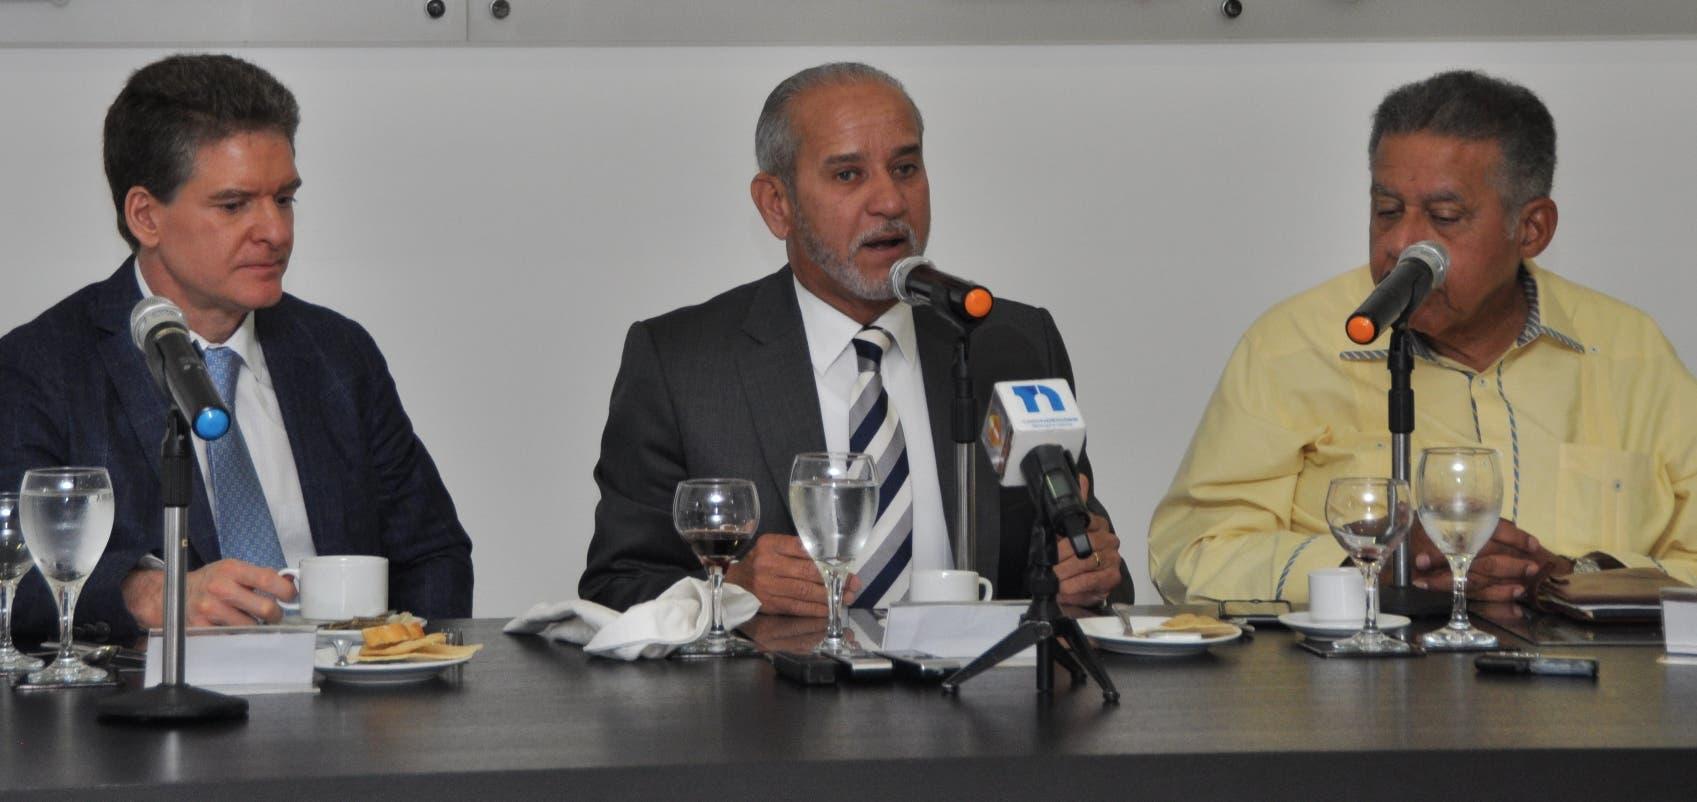 José Alfredo Corripio,  Sigfrido Pared Pérez  y   Juan Bolívar  Díaz en el  Almuerzo del Grupo  Corripio.  Carolina Fernández FOTO